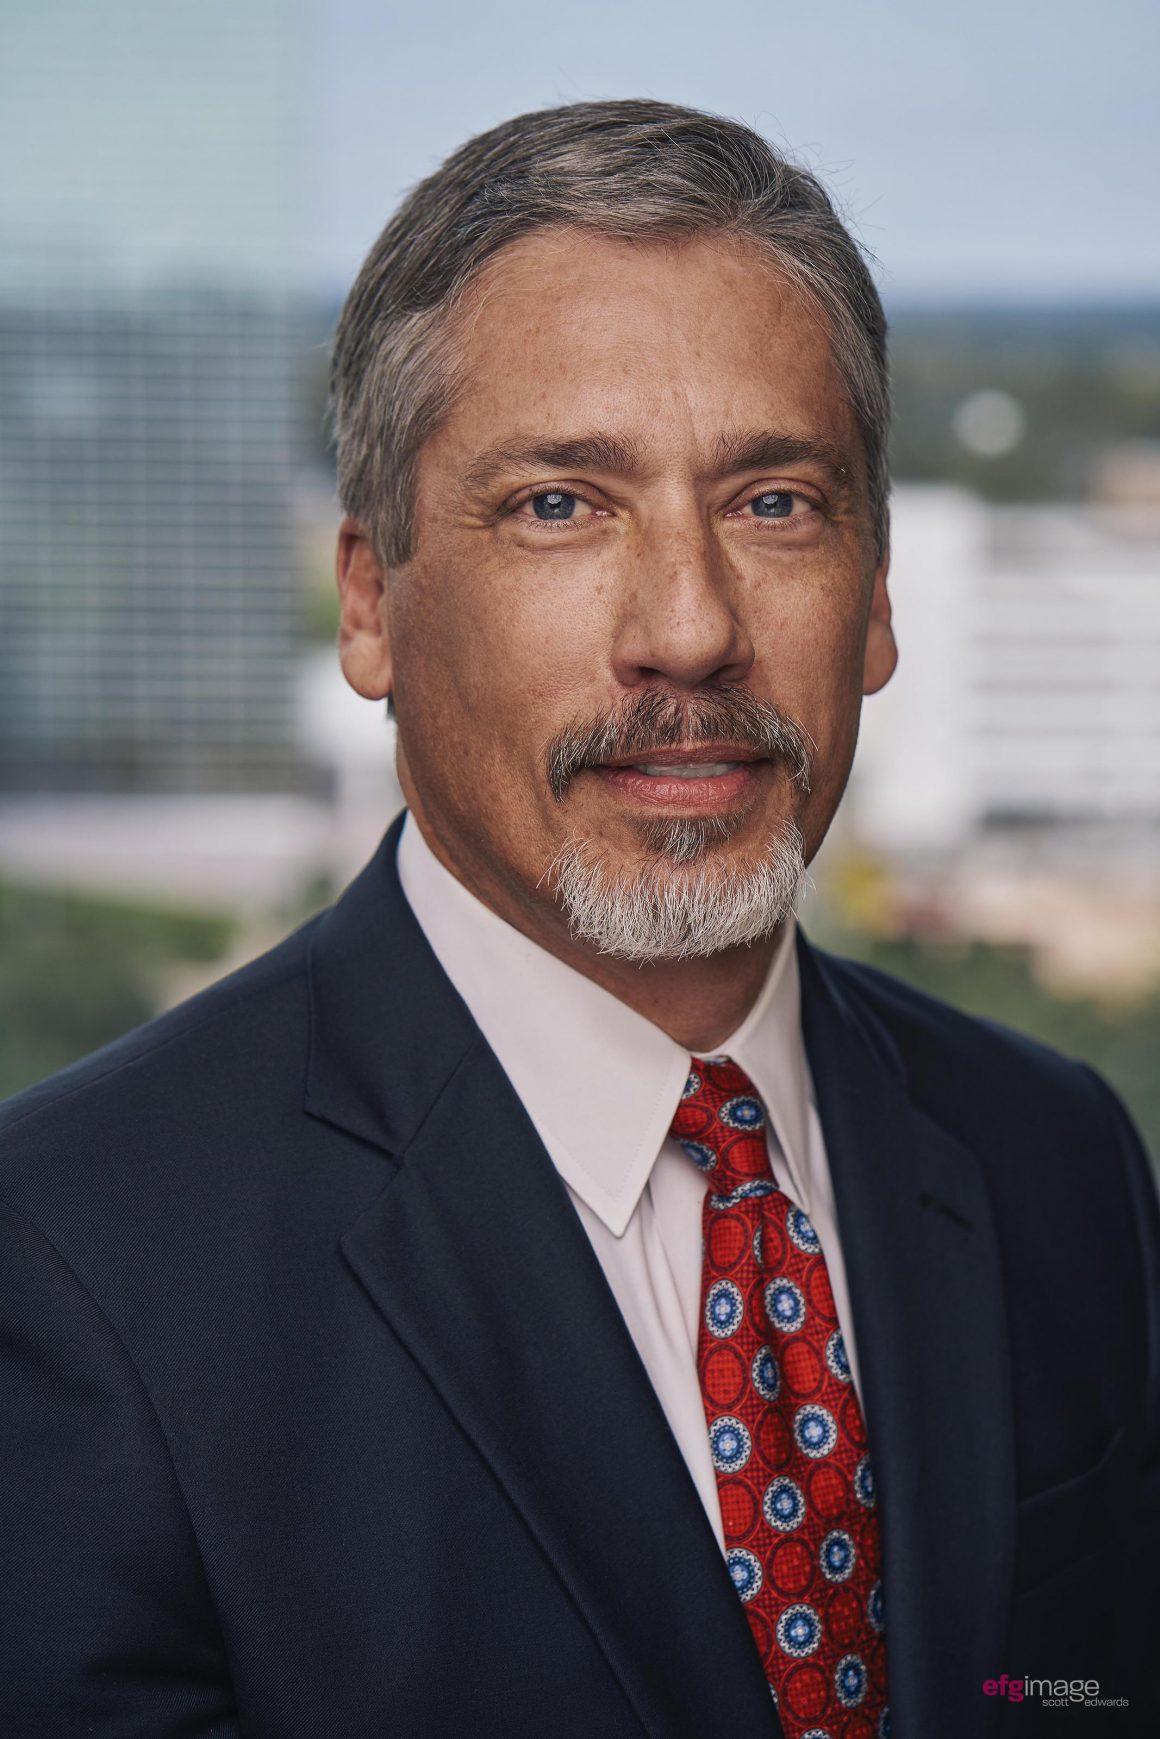 John Pohorelsky